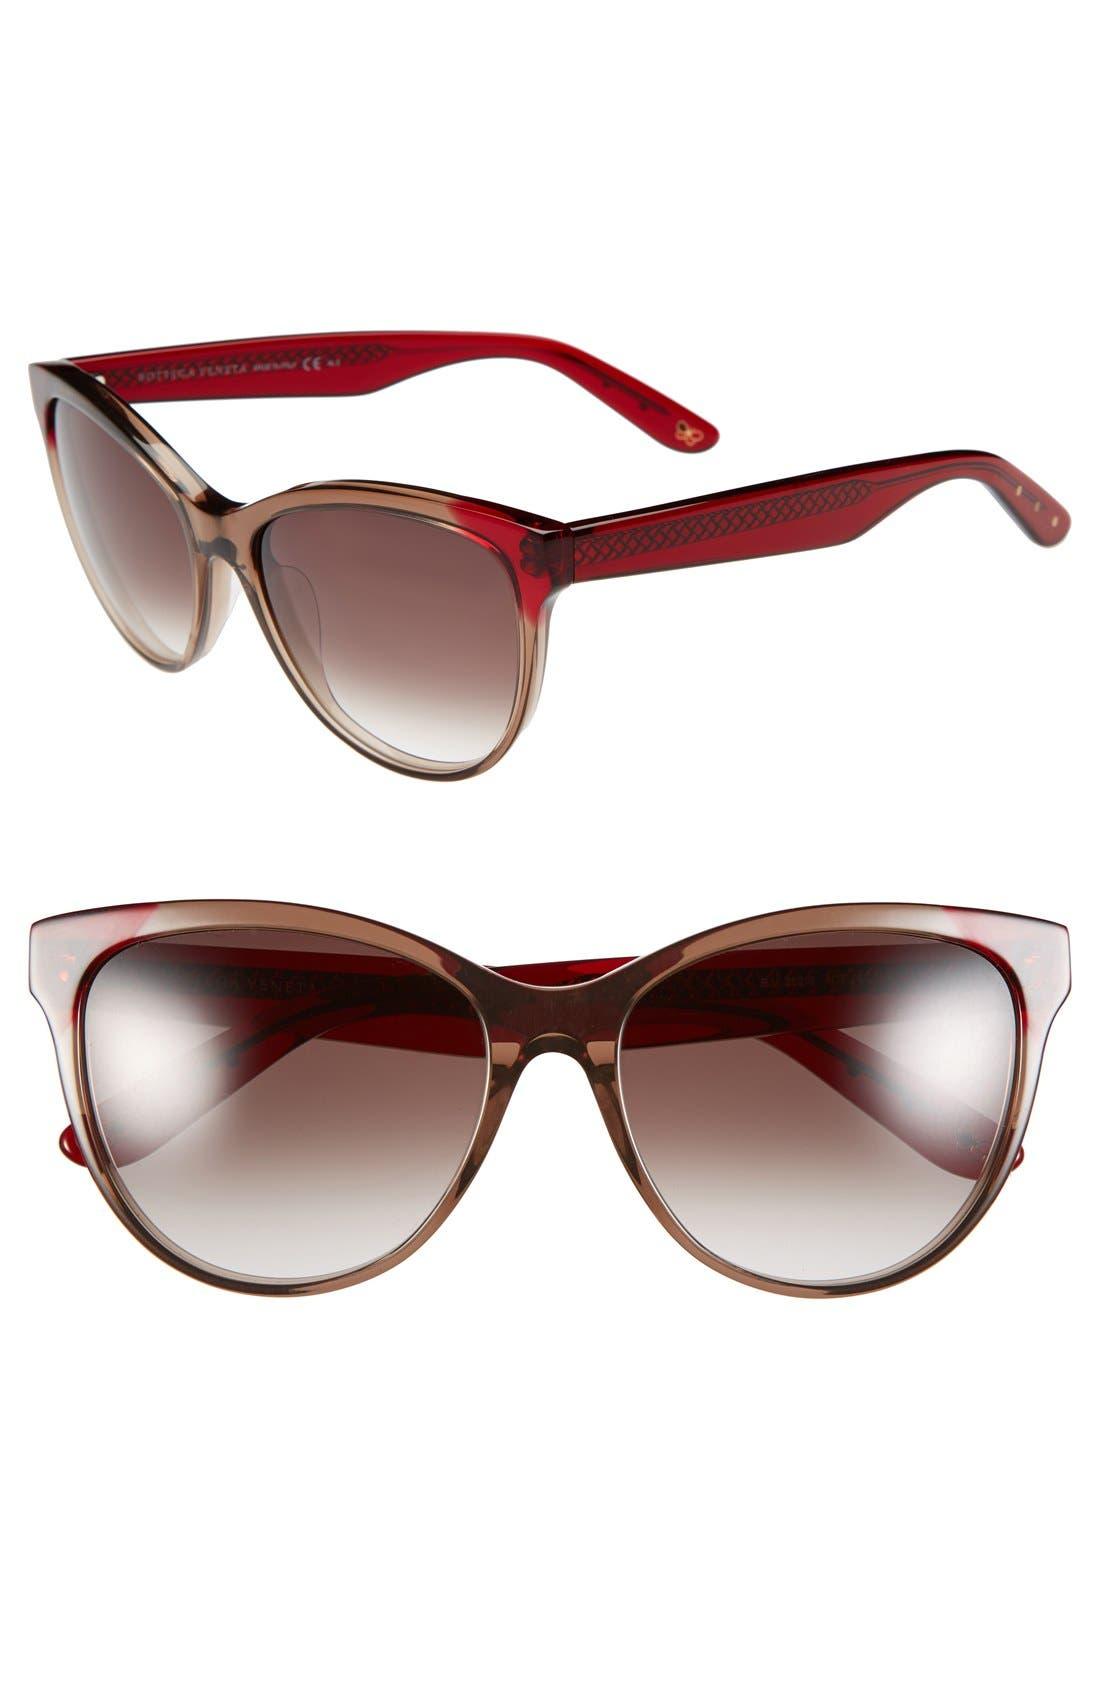 Main Image - Bottega Veneta 56mm Retro Gradient Lens Sunglasses